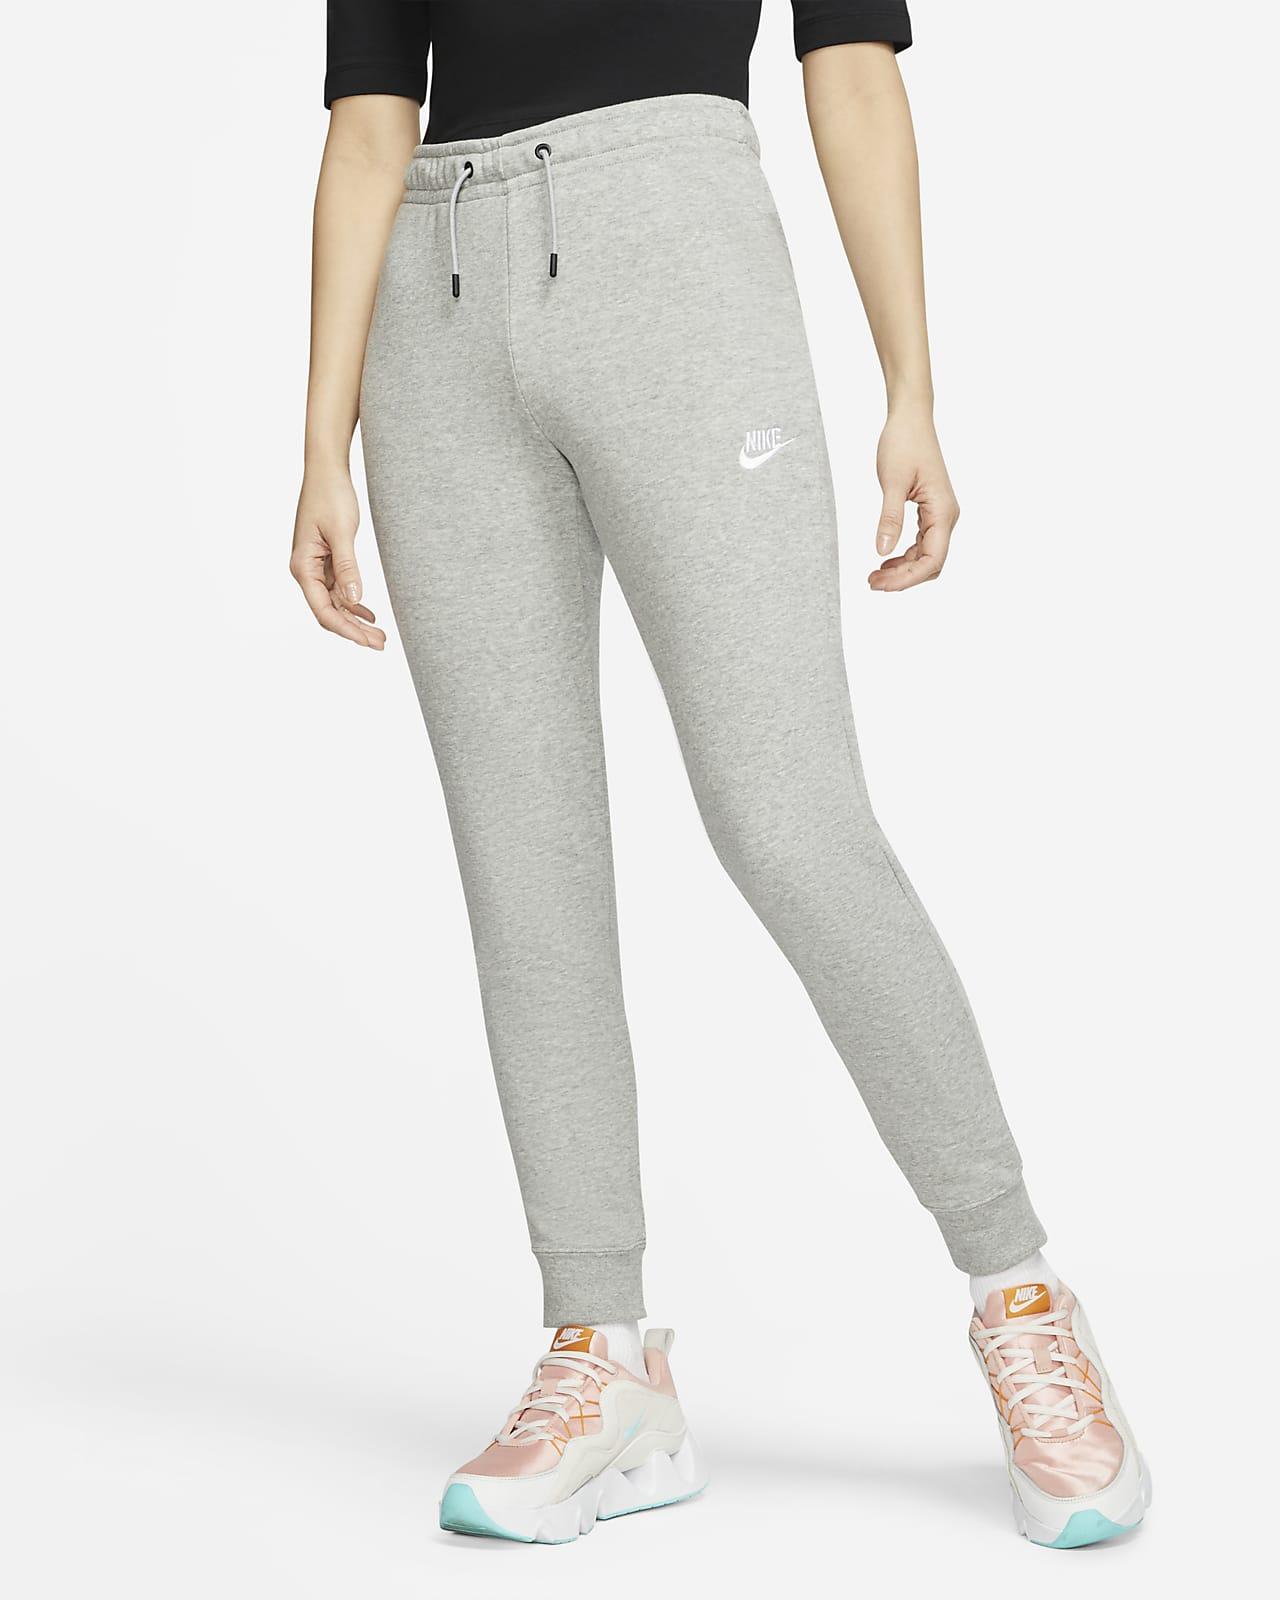 Nike Sportswear Essential Pantalón de tejido Fleece de talle medio - Mujer